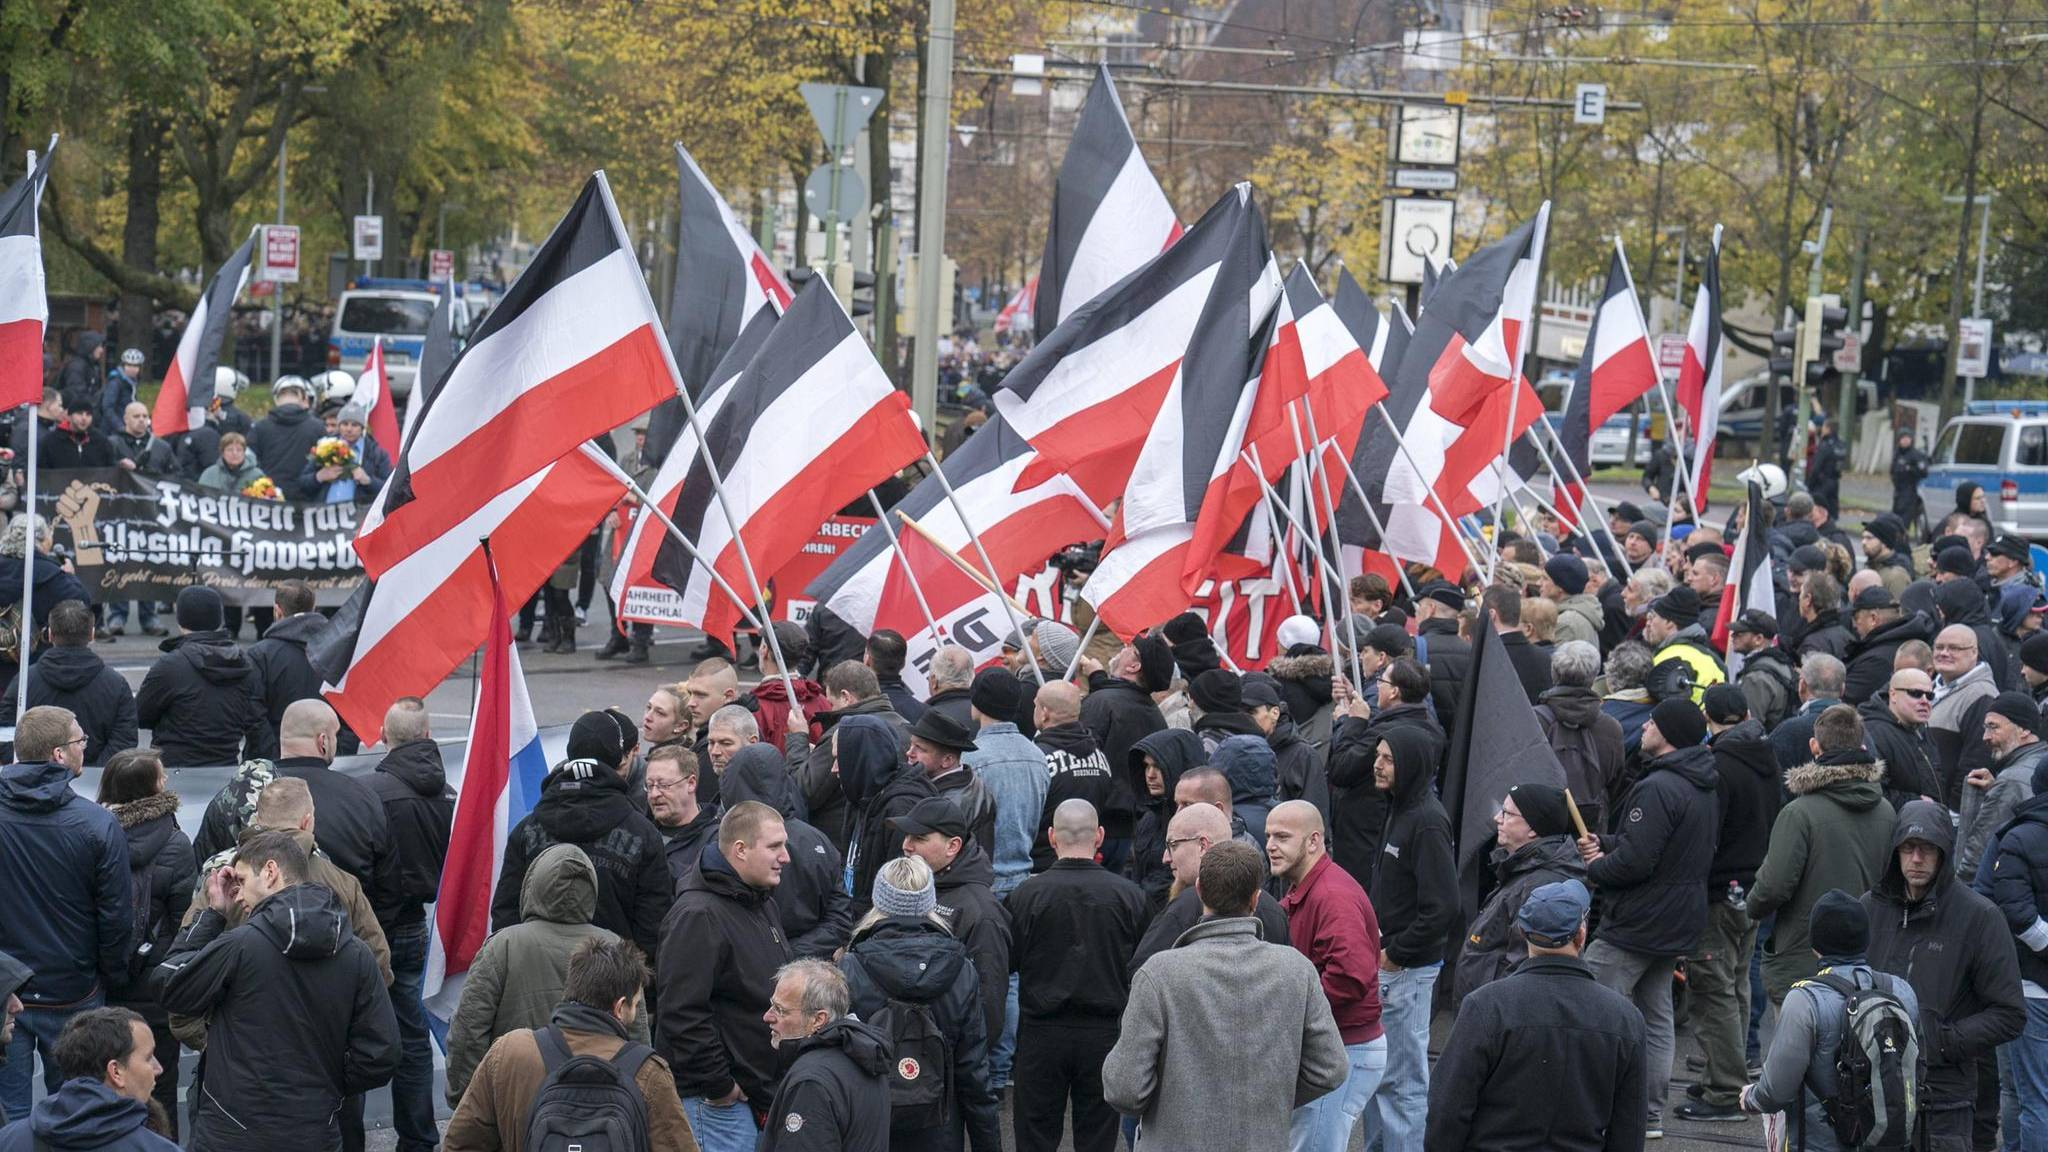 """Bildergebnis für rechtsradikale vor haus von bürgermeister"""""""